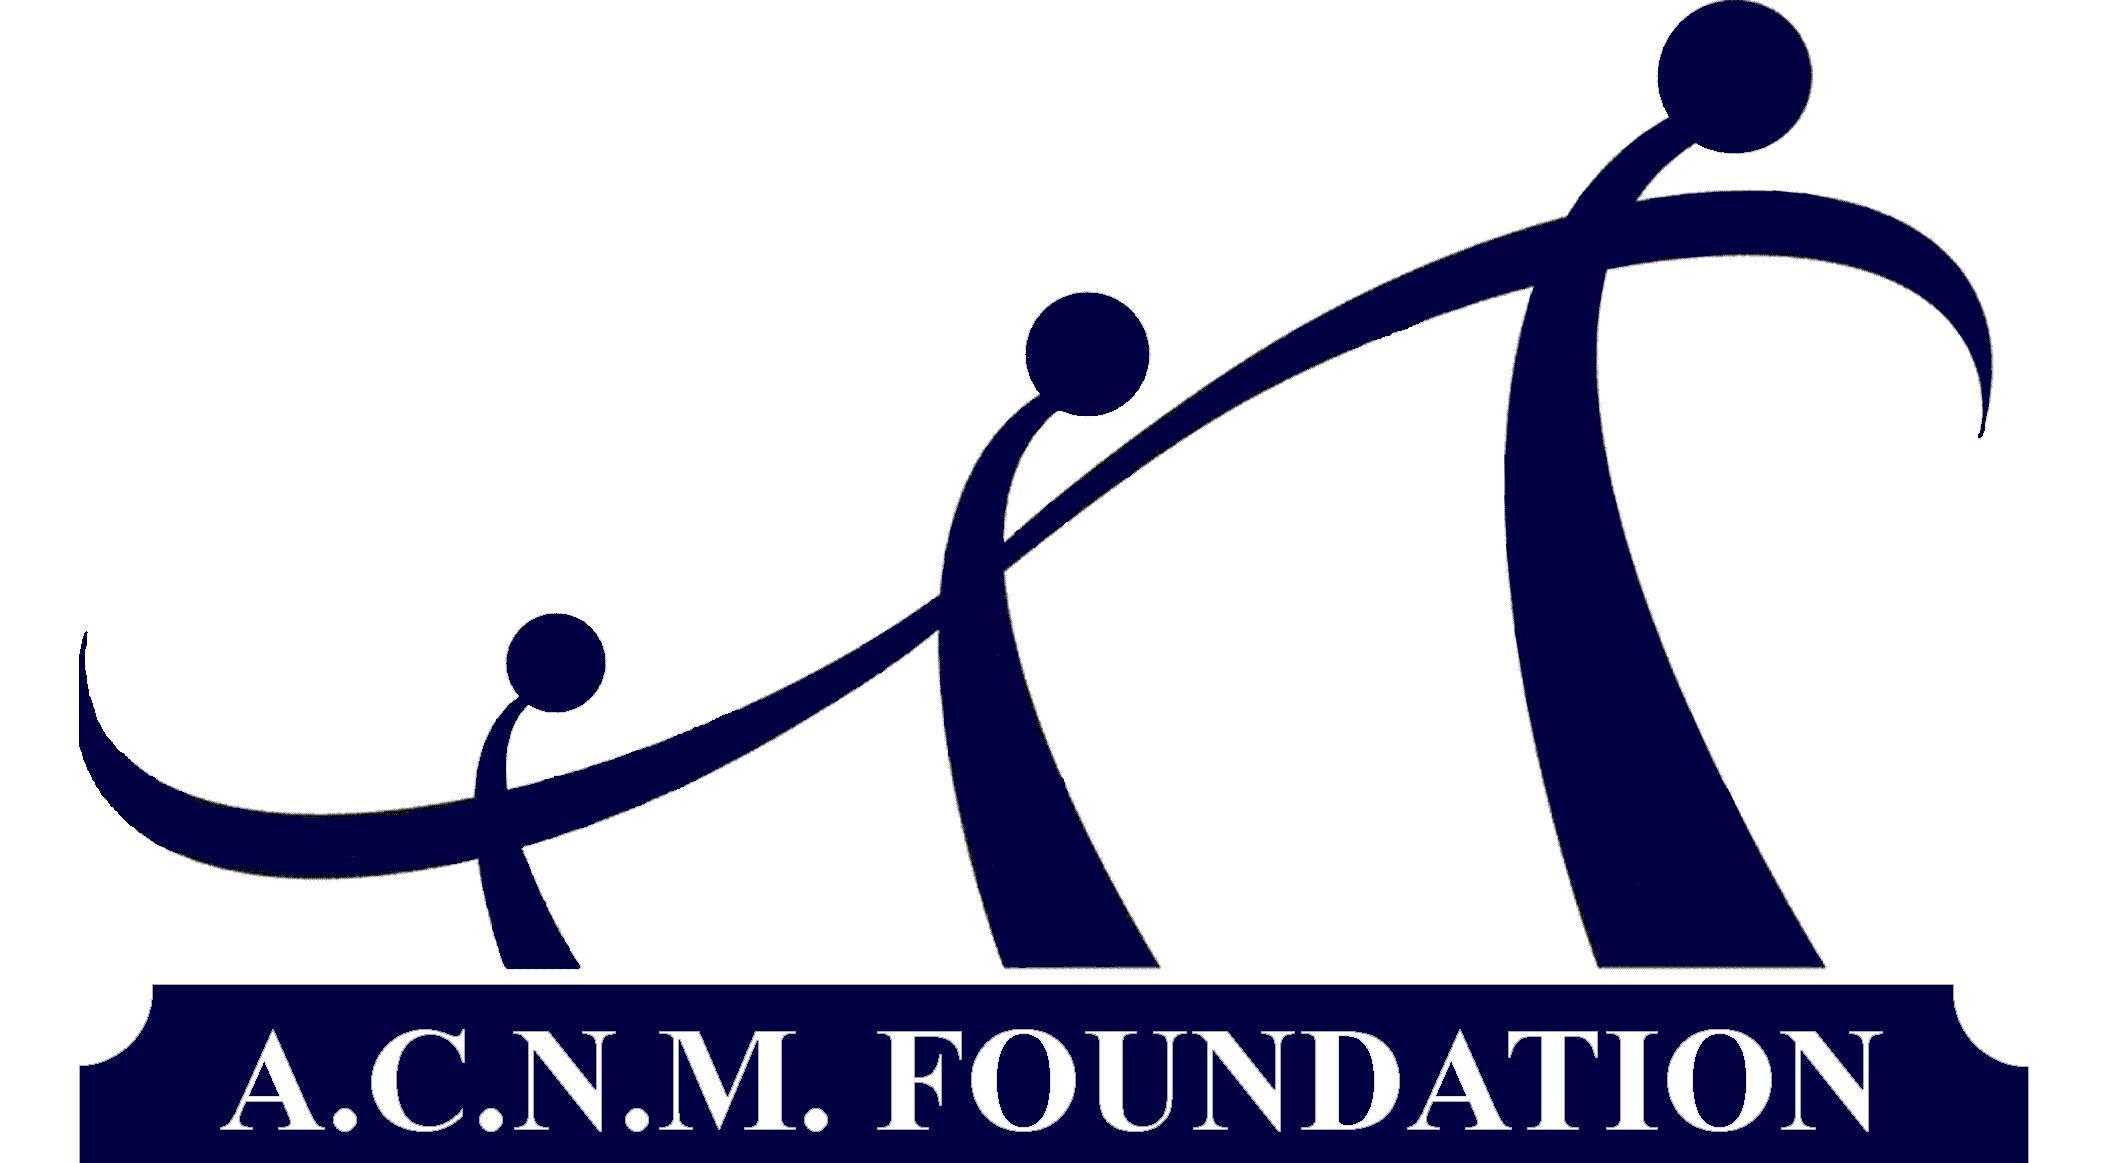 A.C.N.M. Foundation